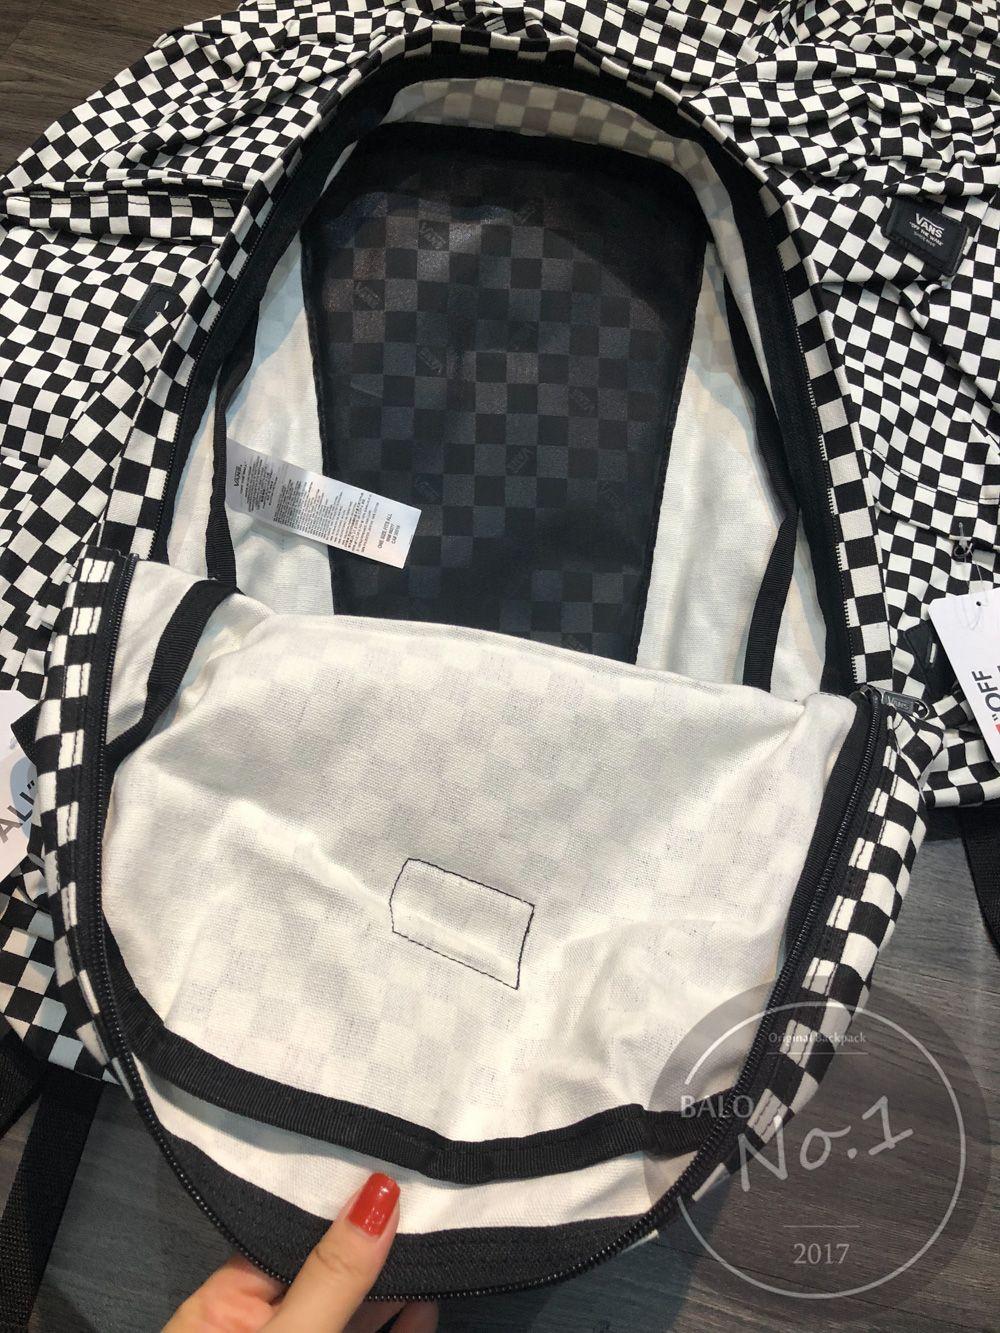 211e234aa1eace Vans Black And White Checkerboard Backpack- Fenix Toulouse Handball